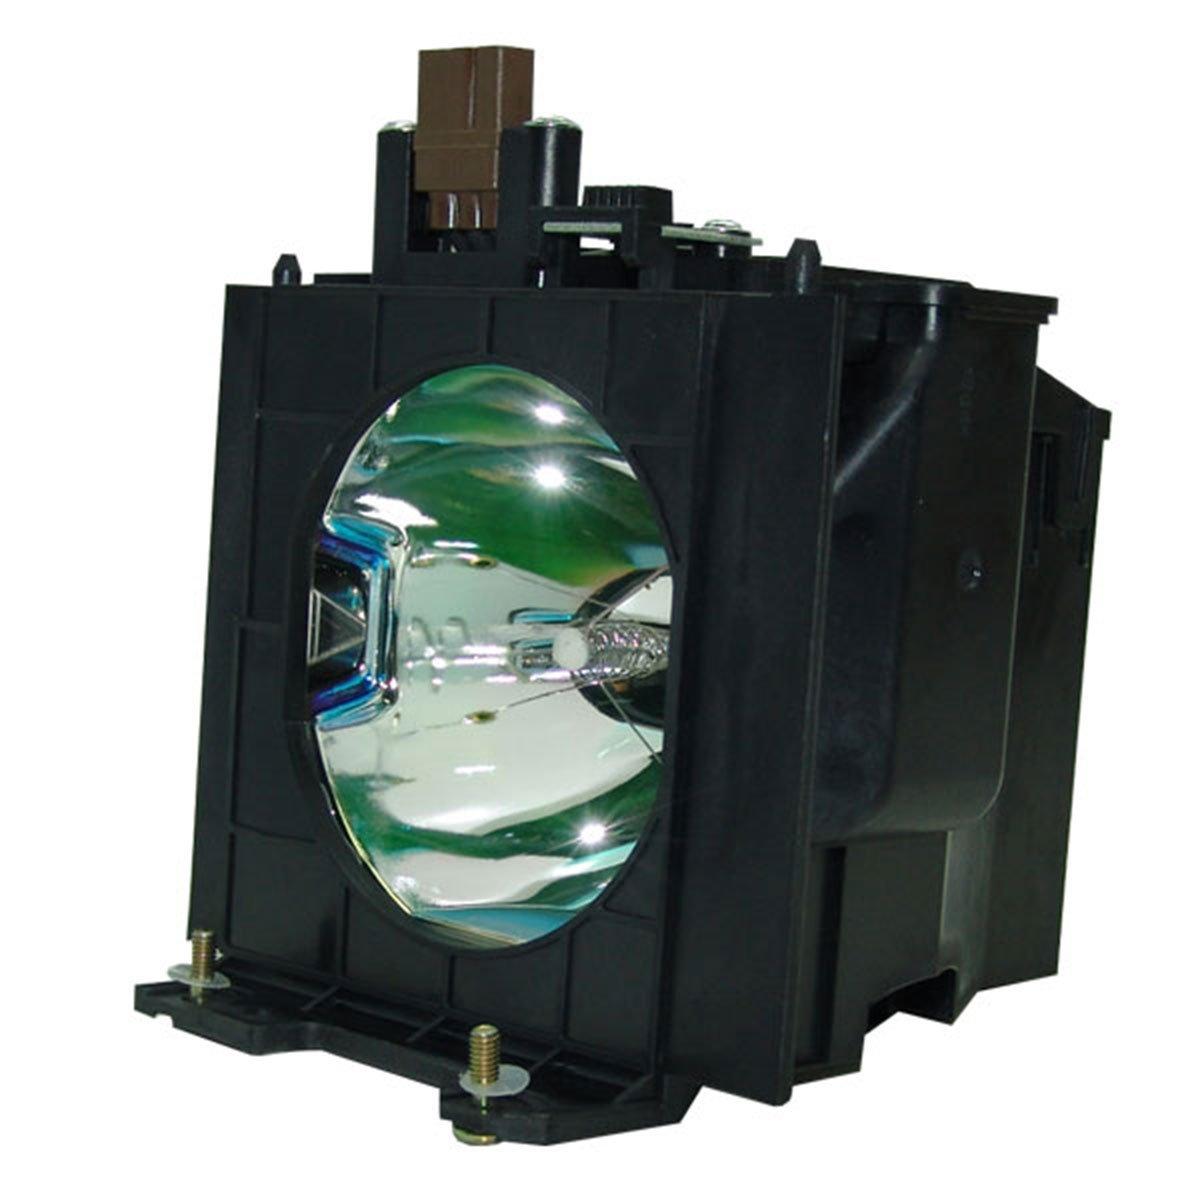 Supermait ET-LAD55 (1個セット) / ETLAD55 プロジェクター交換用ランプ 汎用 150日間安心保証つき 適用機種: ク PT-L5500 / PT-L5600 / PT-D5500 / PT-D5500U 対応 B078ZC978Y